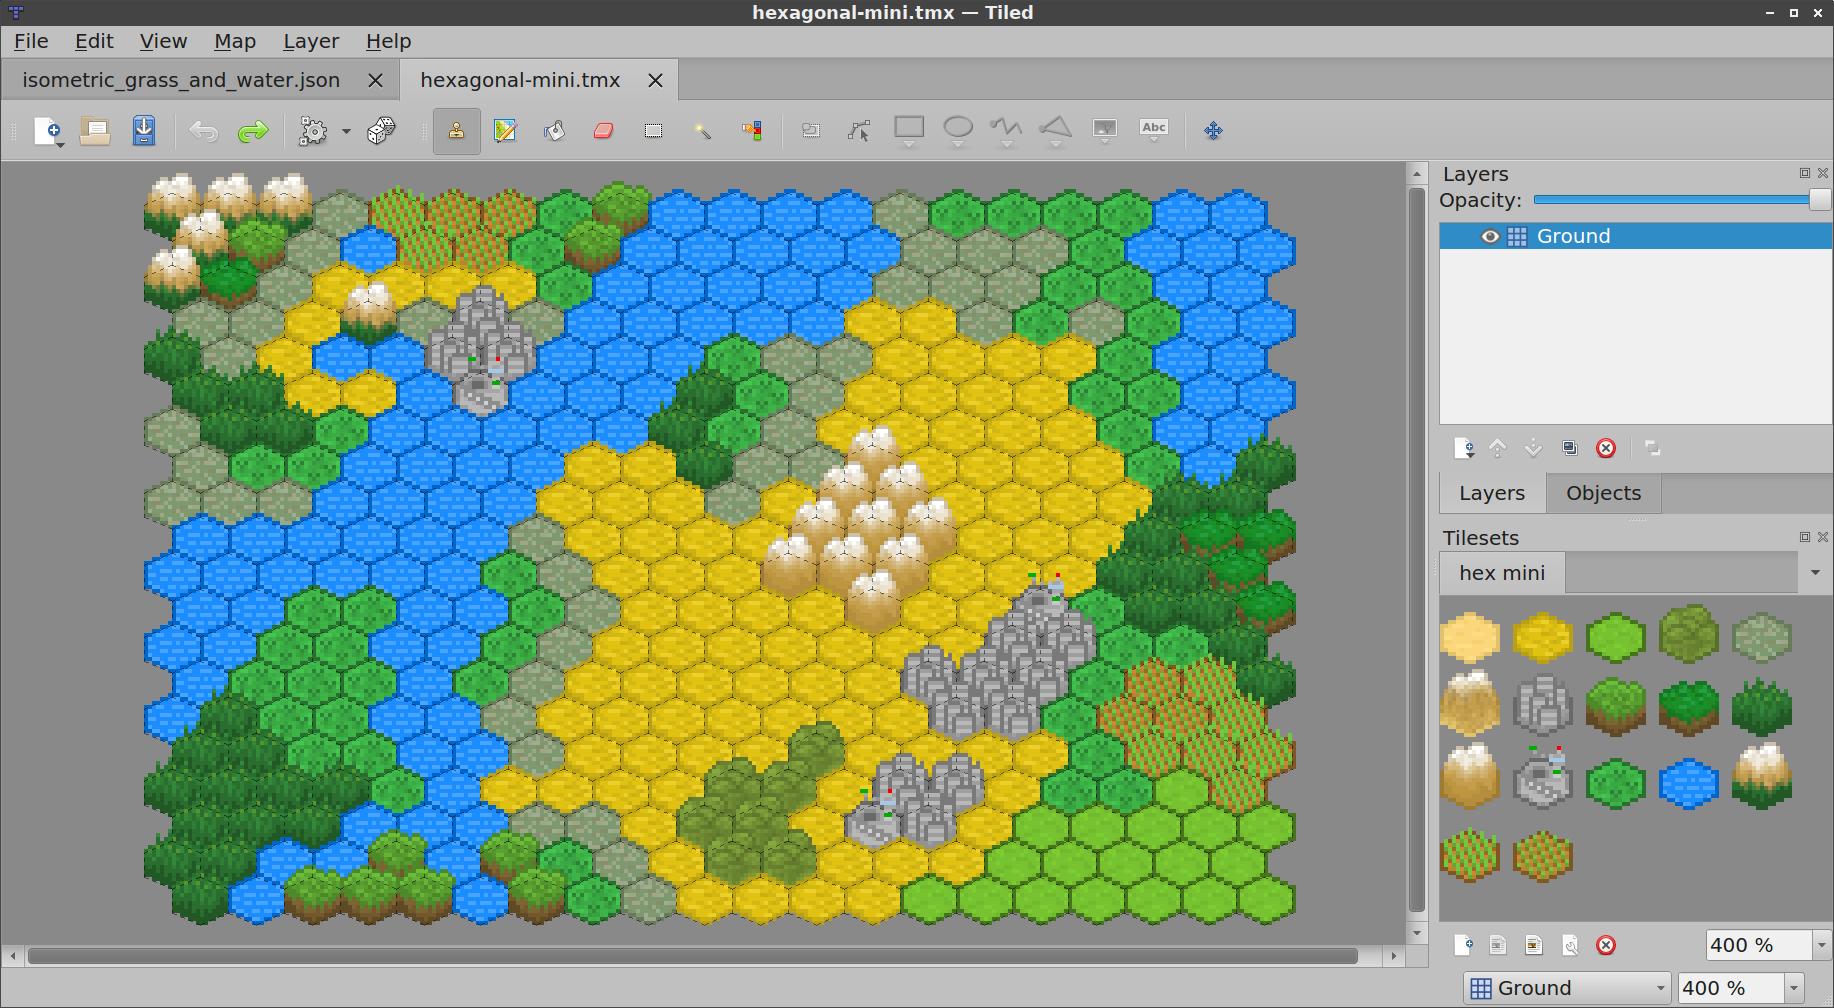 Tiled Map Editor by Thorbjørn